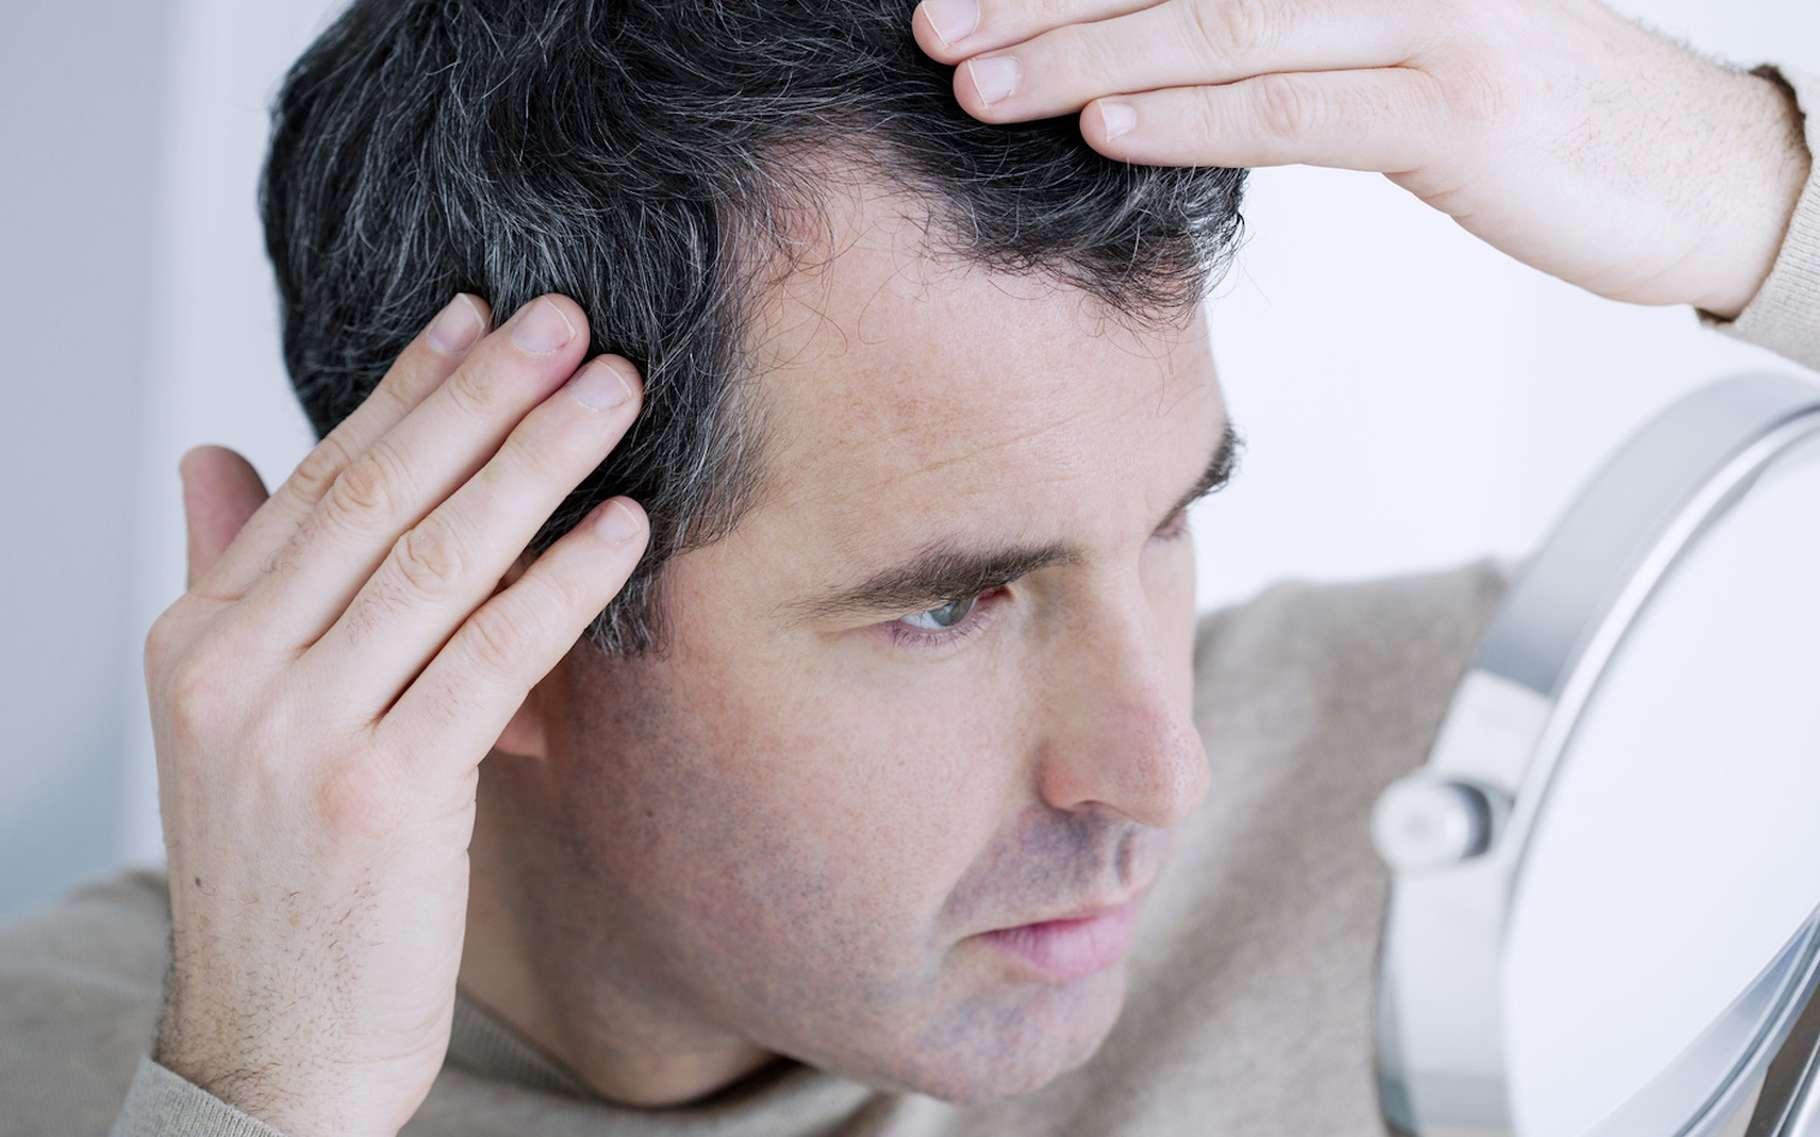 Quelques gouttes d'huile essentielle de bois de santal seraient-elles suffisantes pour faire pousser nos cheveux? Des chercheurs ont lancé des essais cliniques. © RFBSIP, Fotolia